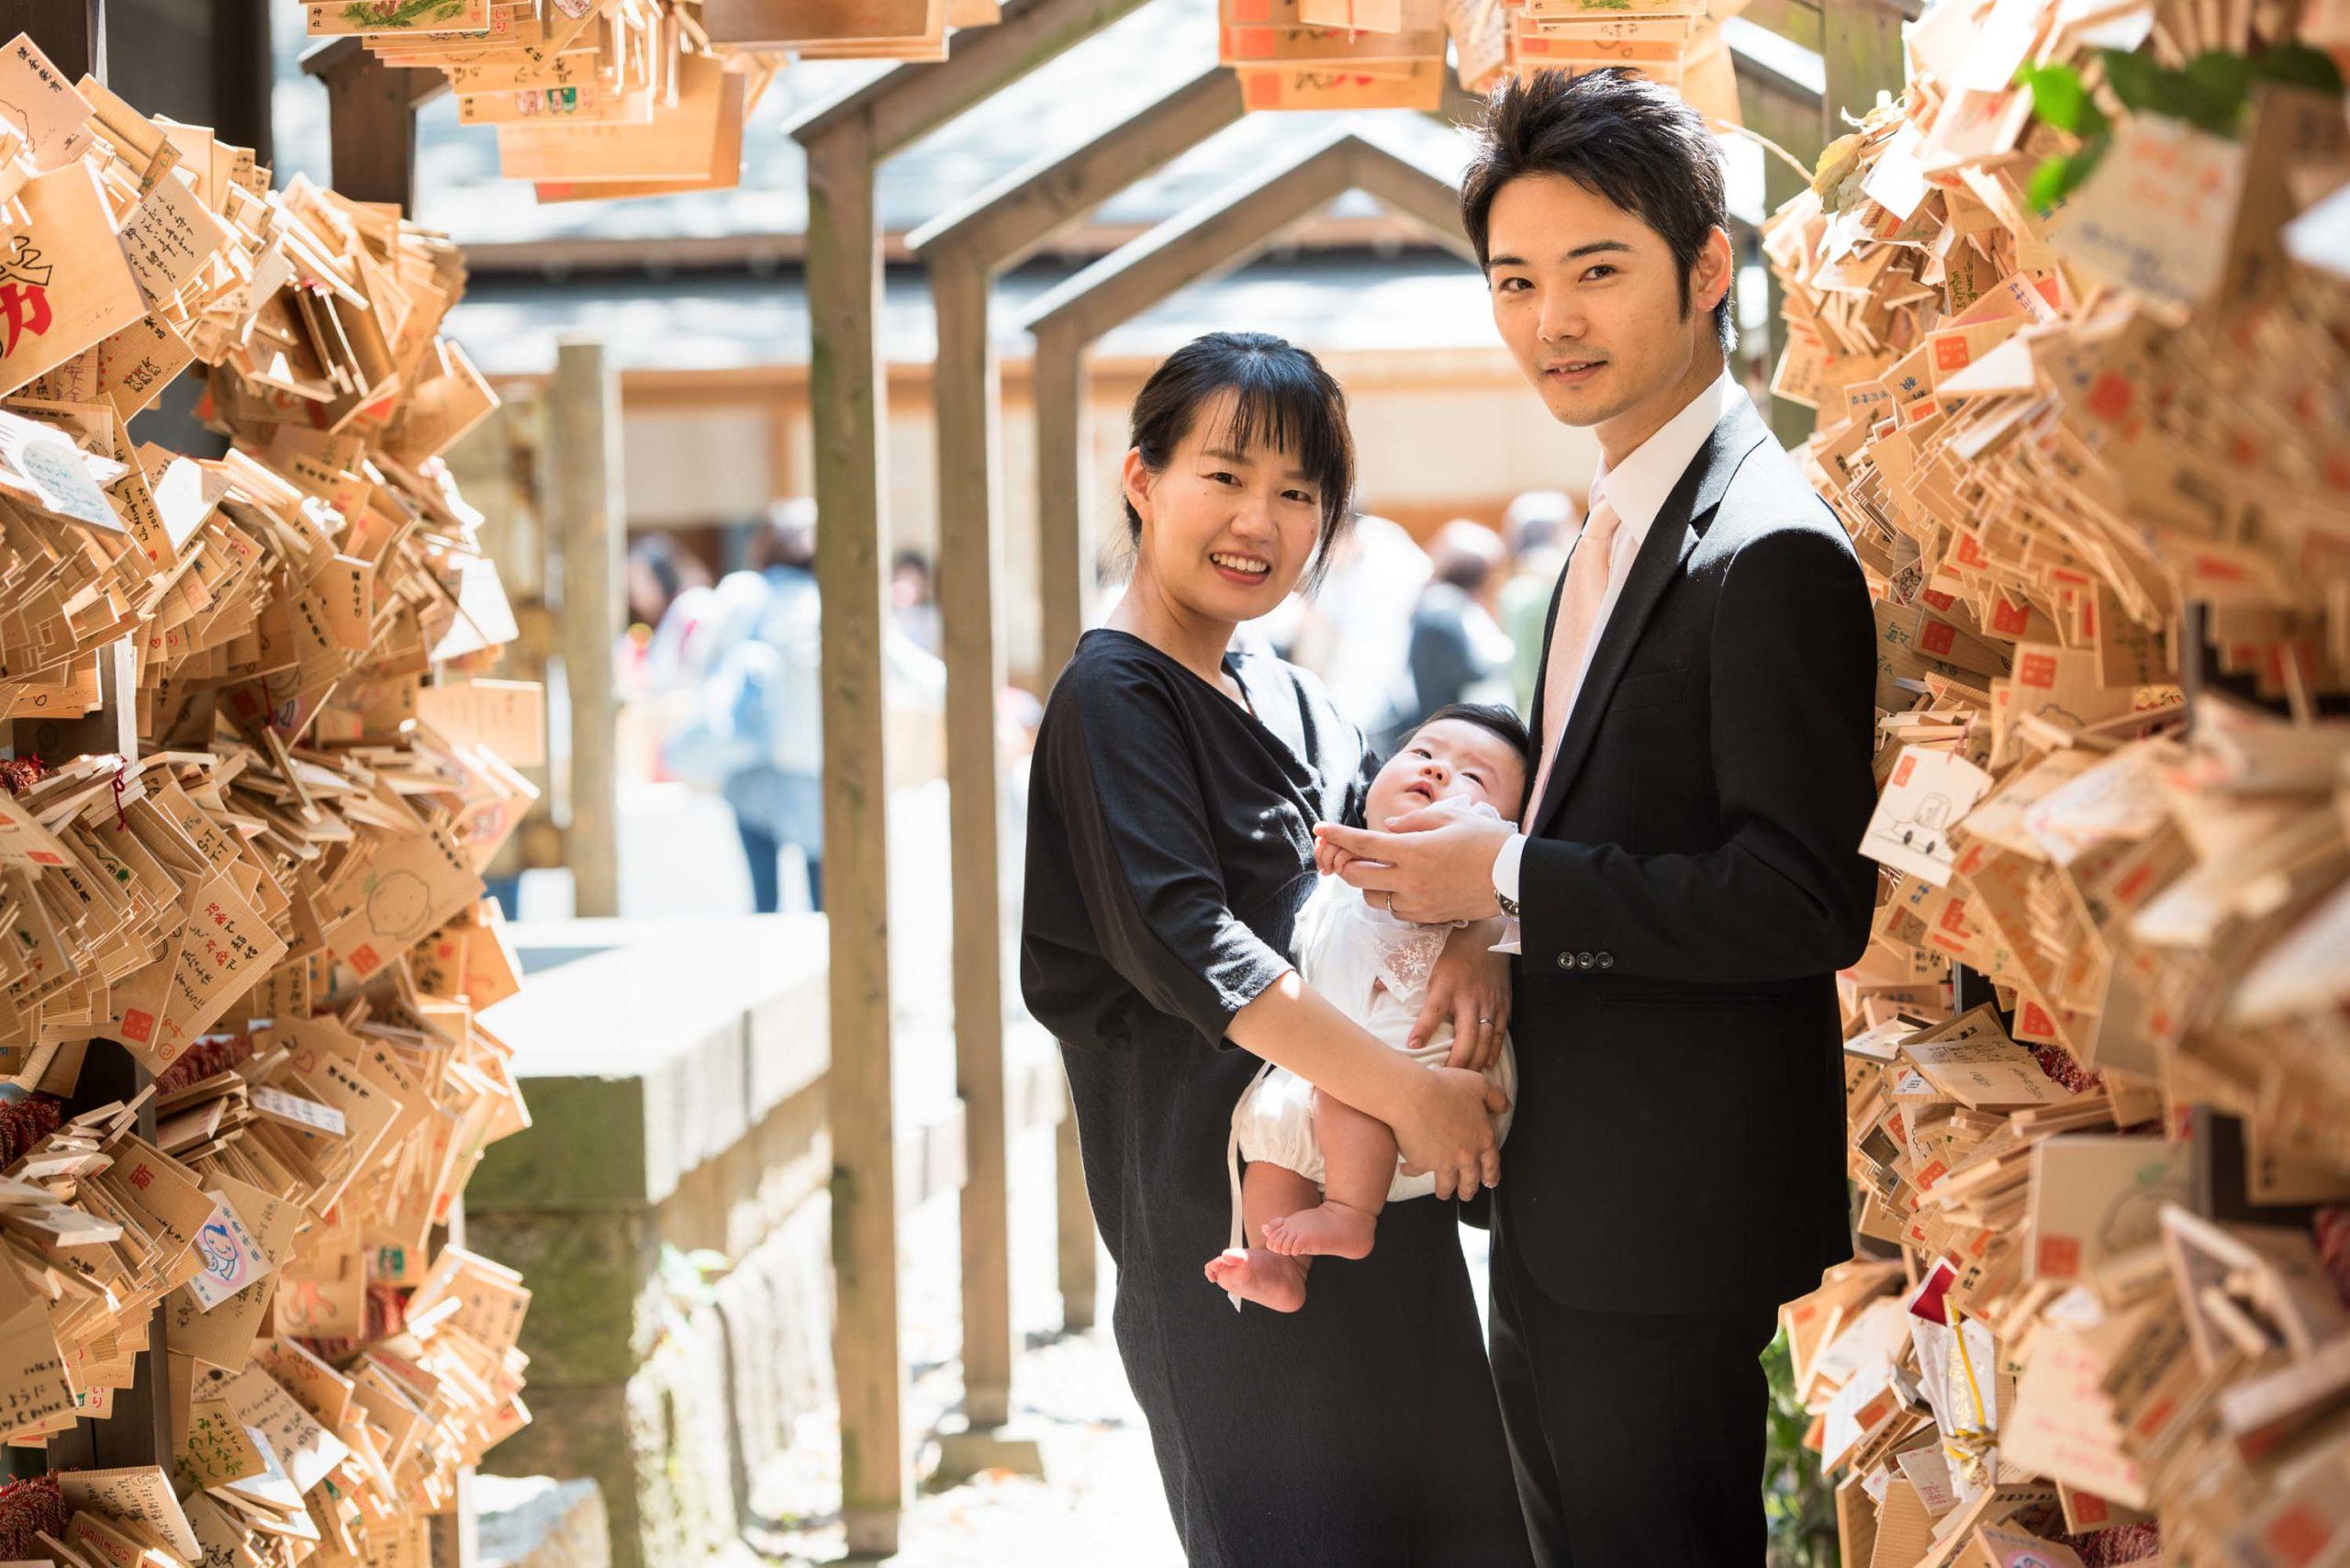 黒の洋服で赤ちゃんを抱く女性横に立つ男性